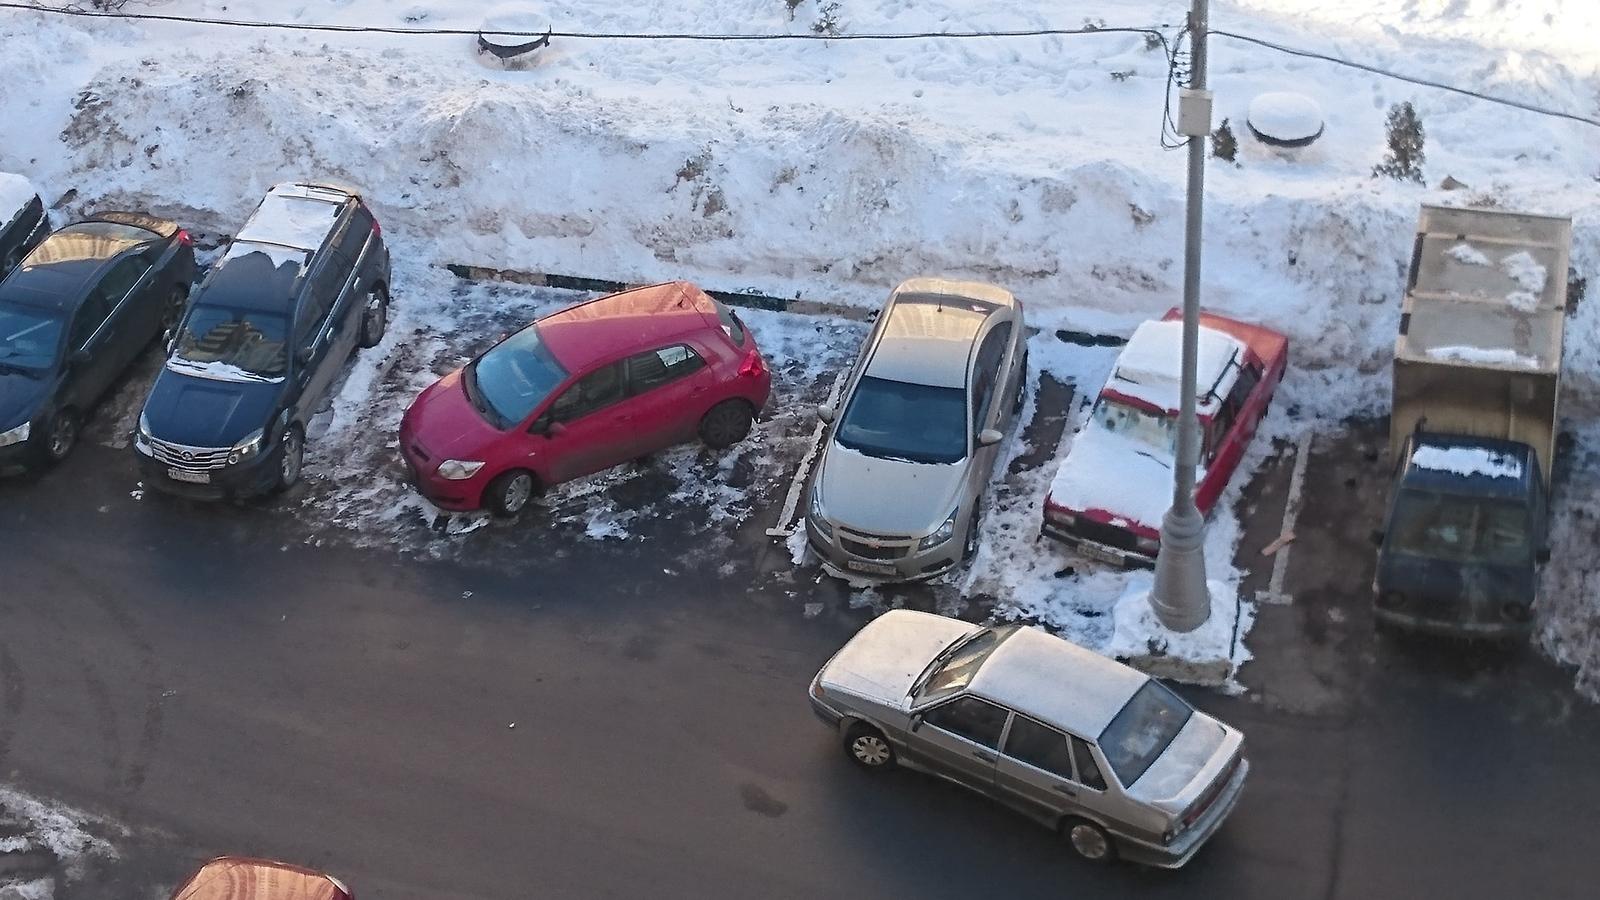 Автомобиль бьет током Эту проблему легко устранить своими силами